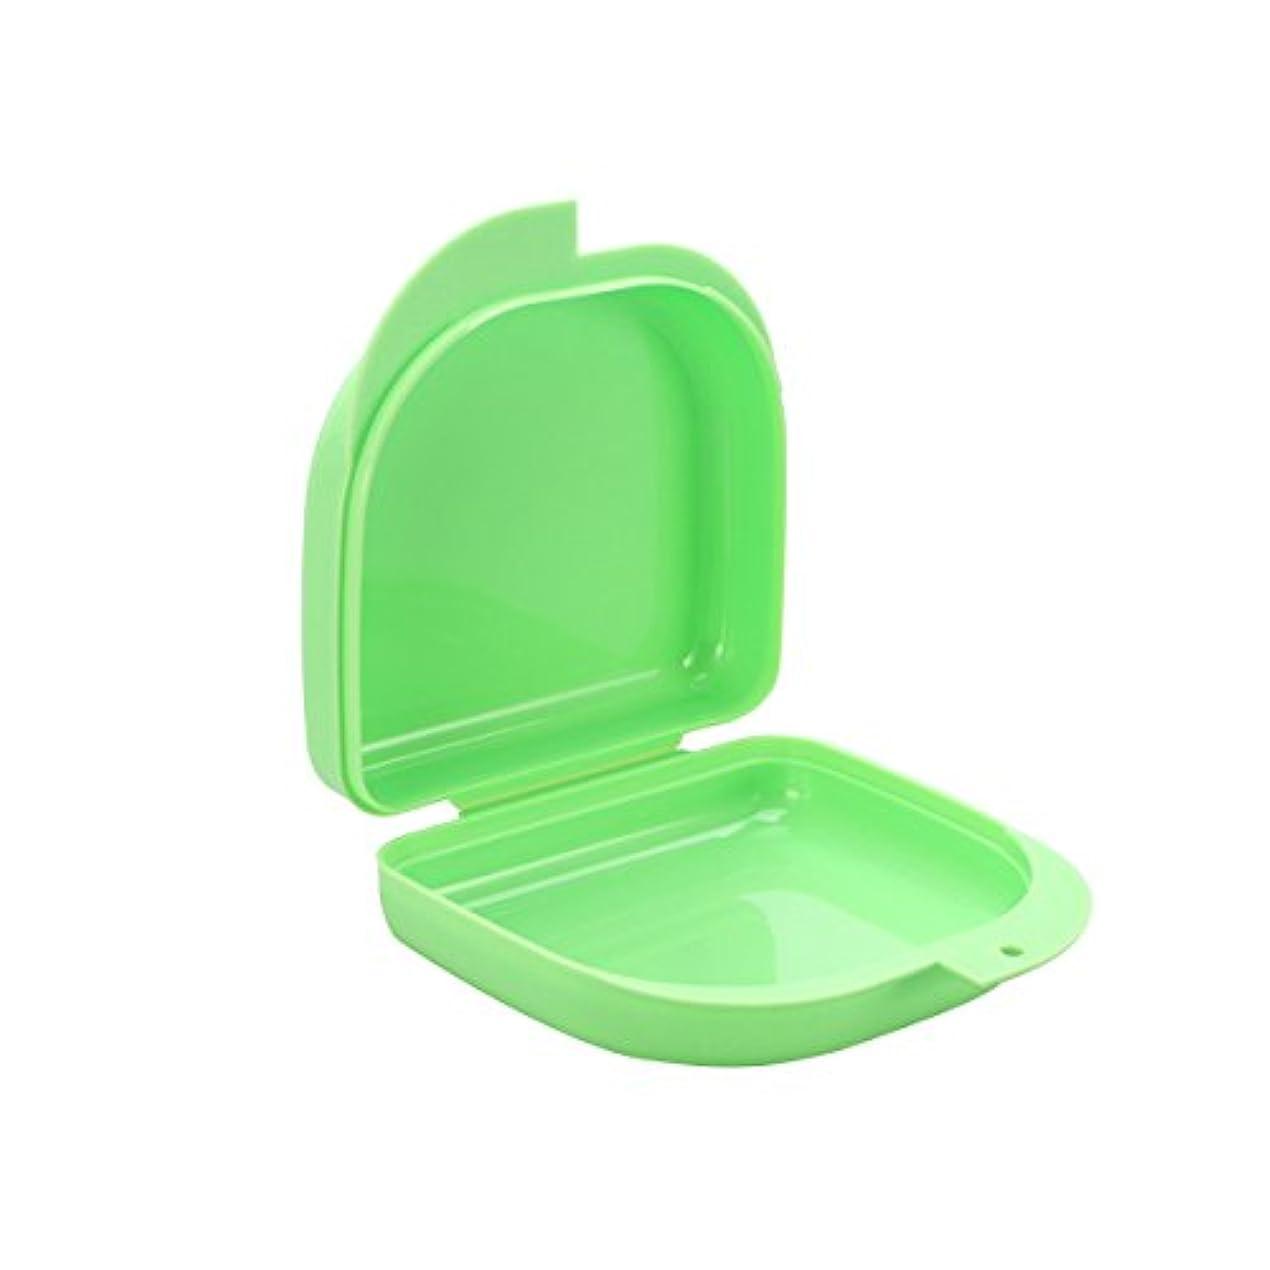 管理する膨張する形式SUPVOX マウスガードケース義歯収納容器付き通気孔と蝶番付きフタ留め金具歯科矯正歯科リテーナーボックス2個